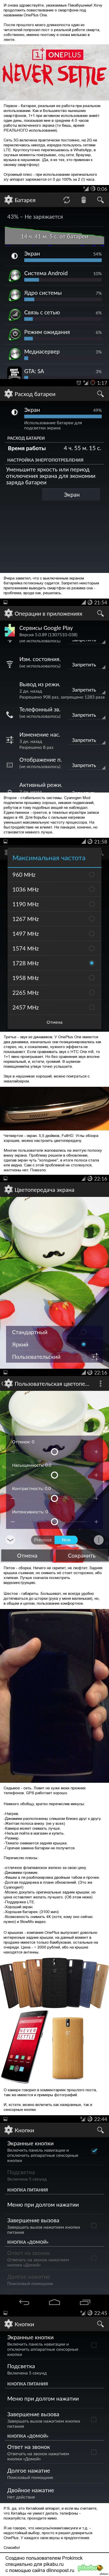 """OnePlus One. Часть 2. Продолжение к <a href=""""http://pikabu.ru/story/vyibor_smartfona_oneplus_one_2596479"""">http://pikabu.ru/story/_2596479</a>  По просьбе читателей."""